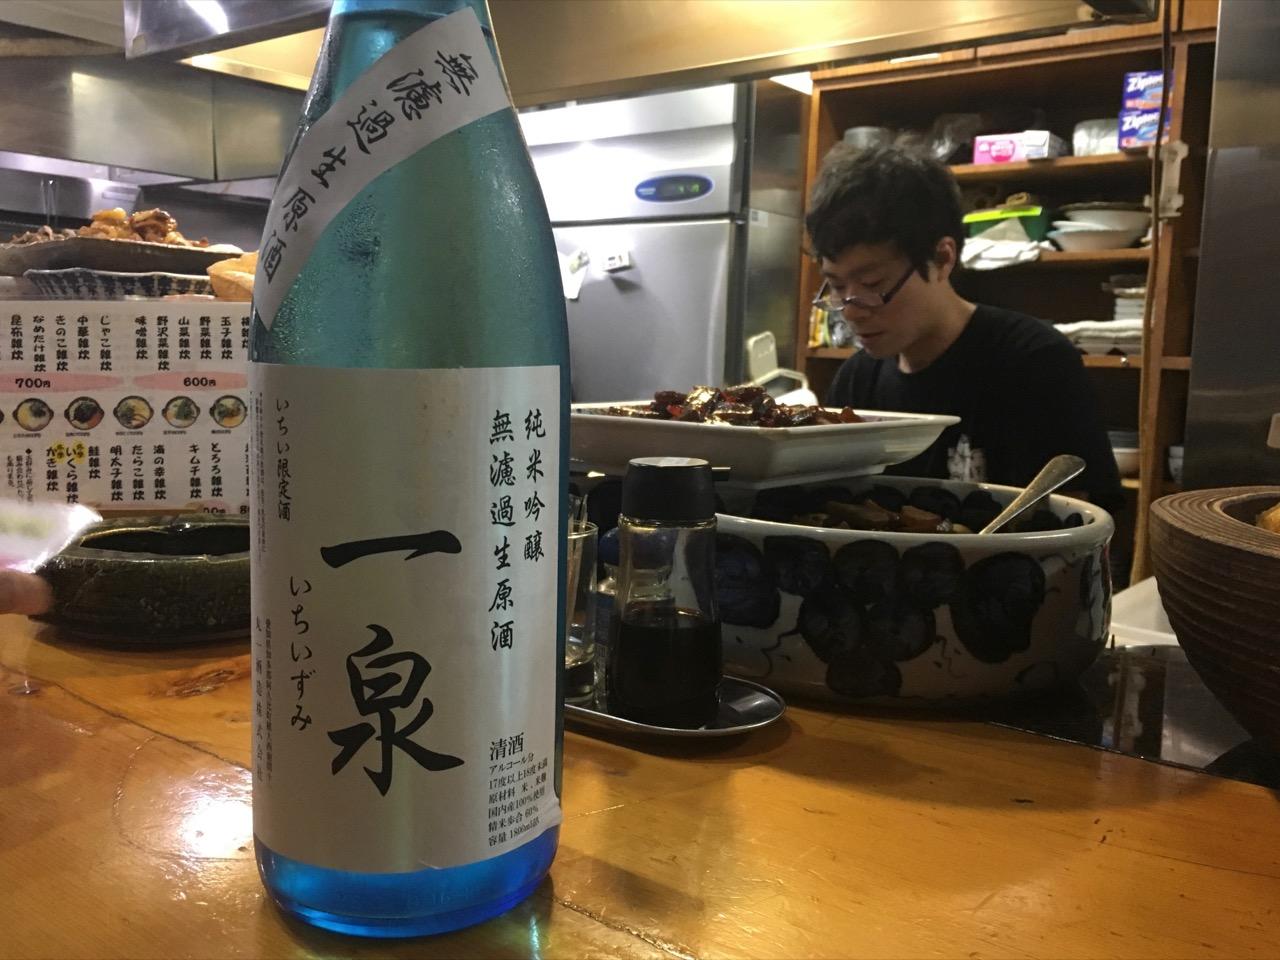 純米原酒 一泉(いちいずみ) |日本酒テイスティングノート